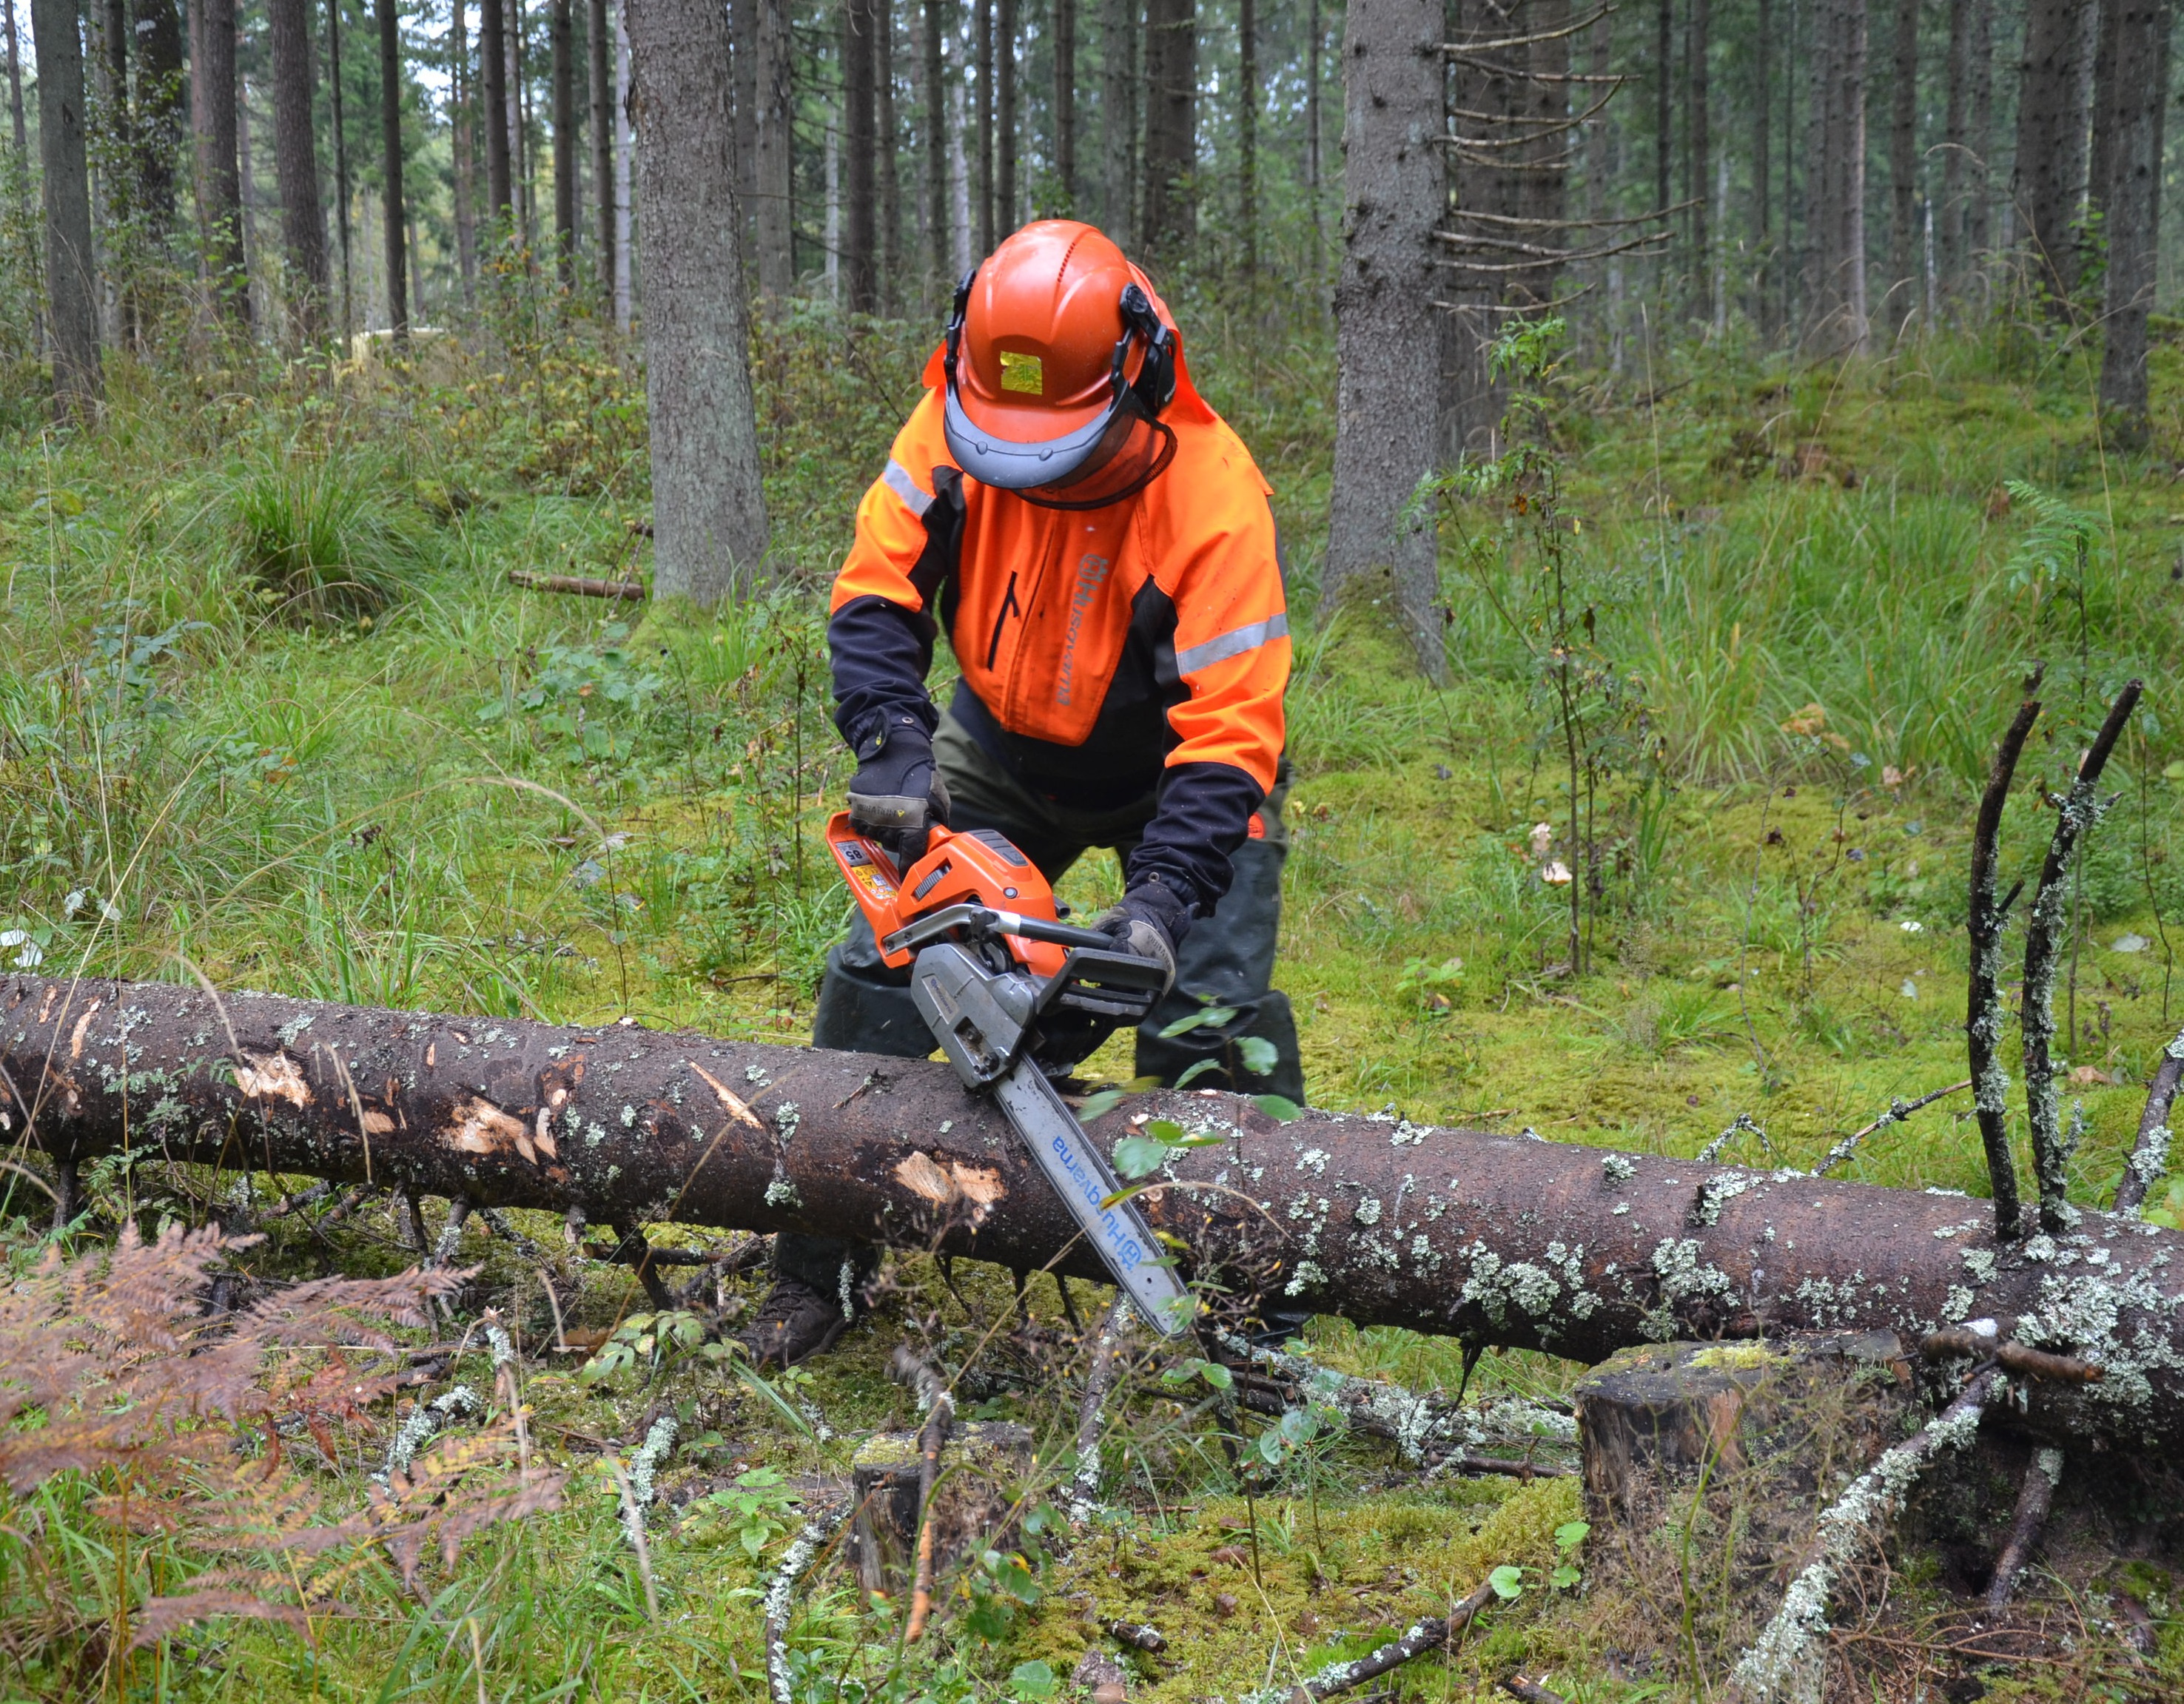 Mežizstrāde, darbs ar motorinstrumentiem